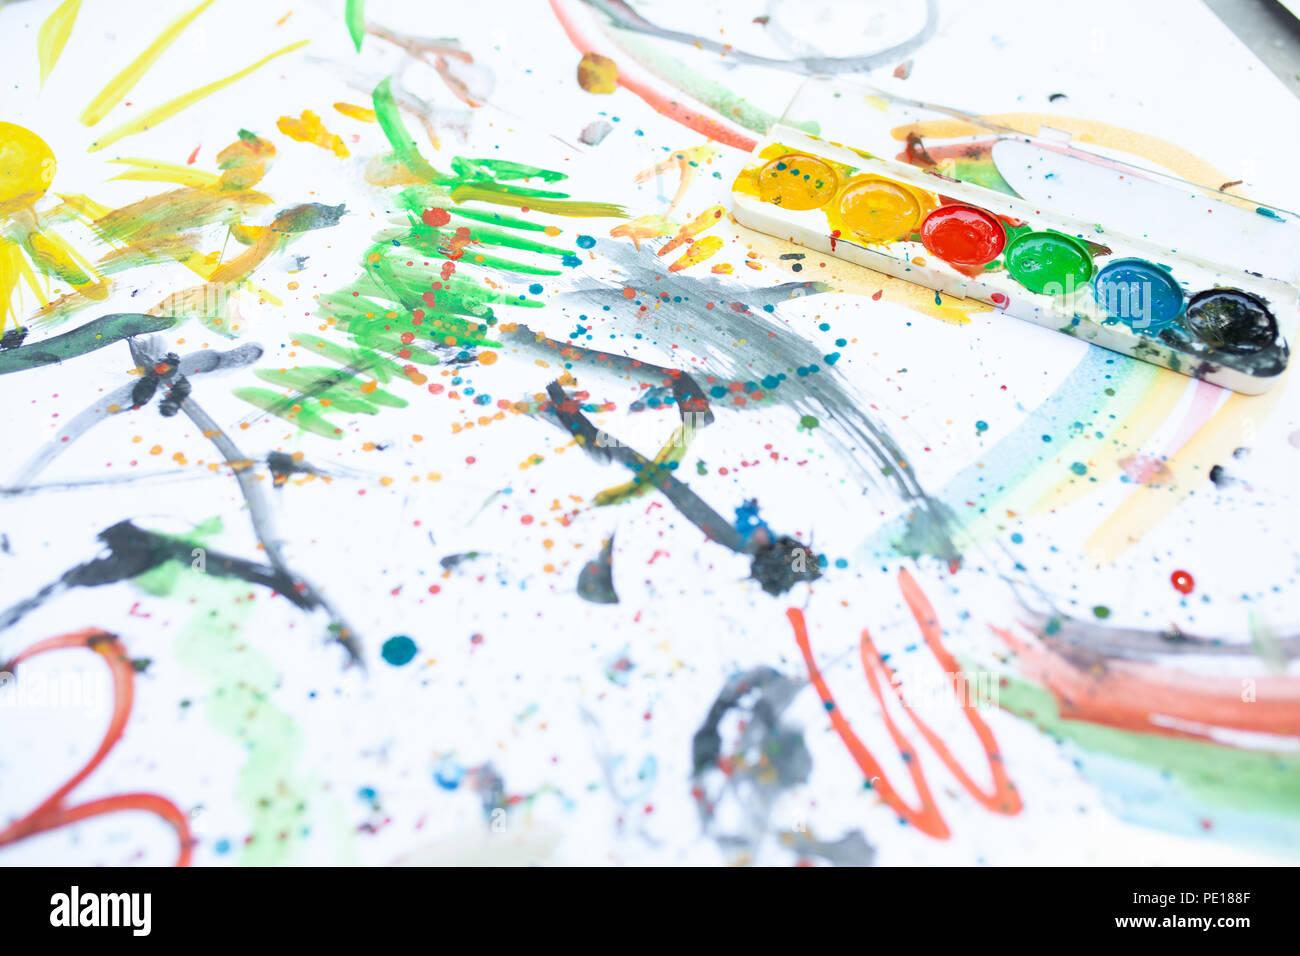 Disegno Per Bambini In Un Colorato Di Colori Chiudere Vista Dall